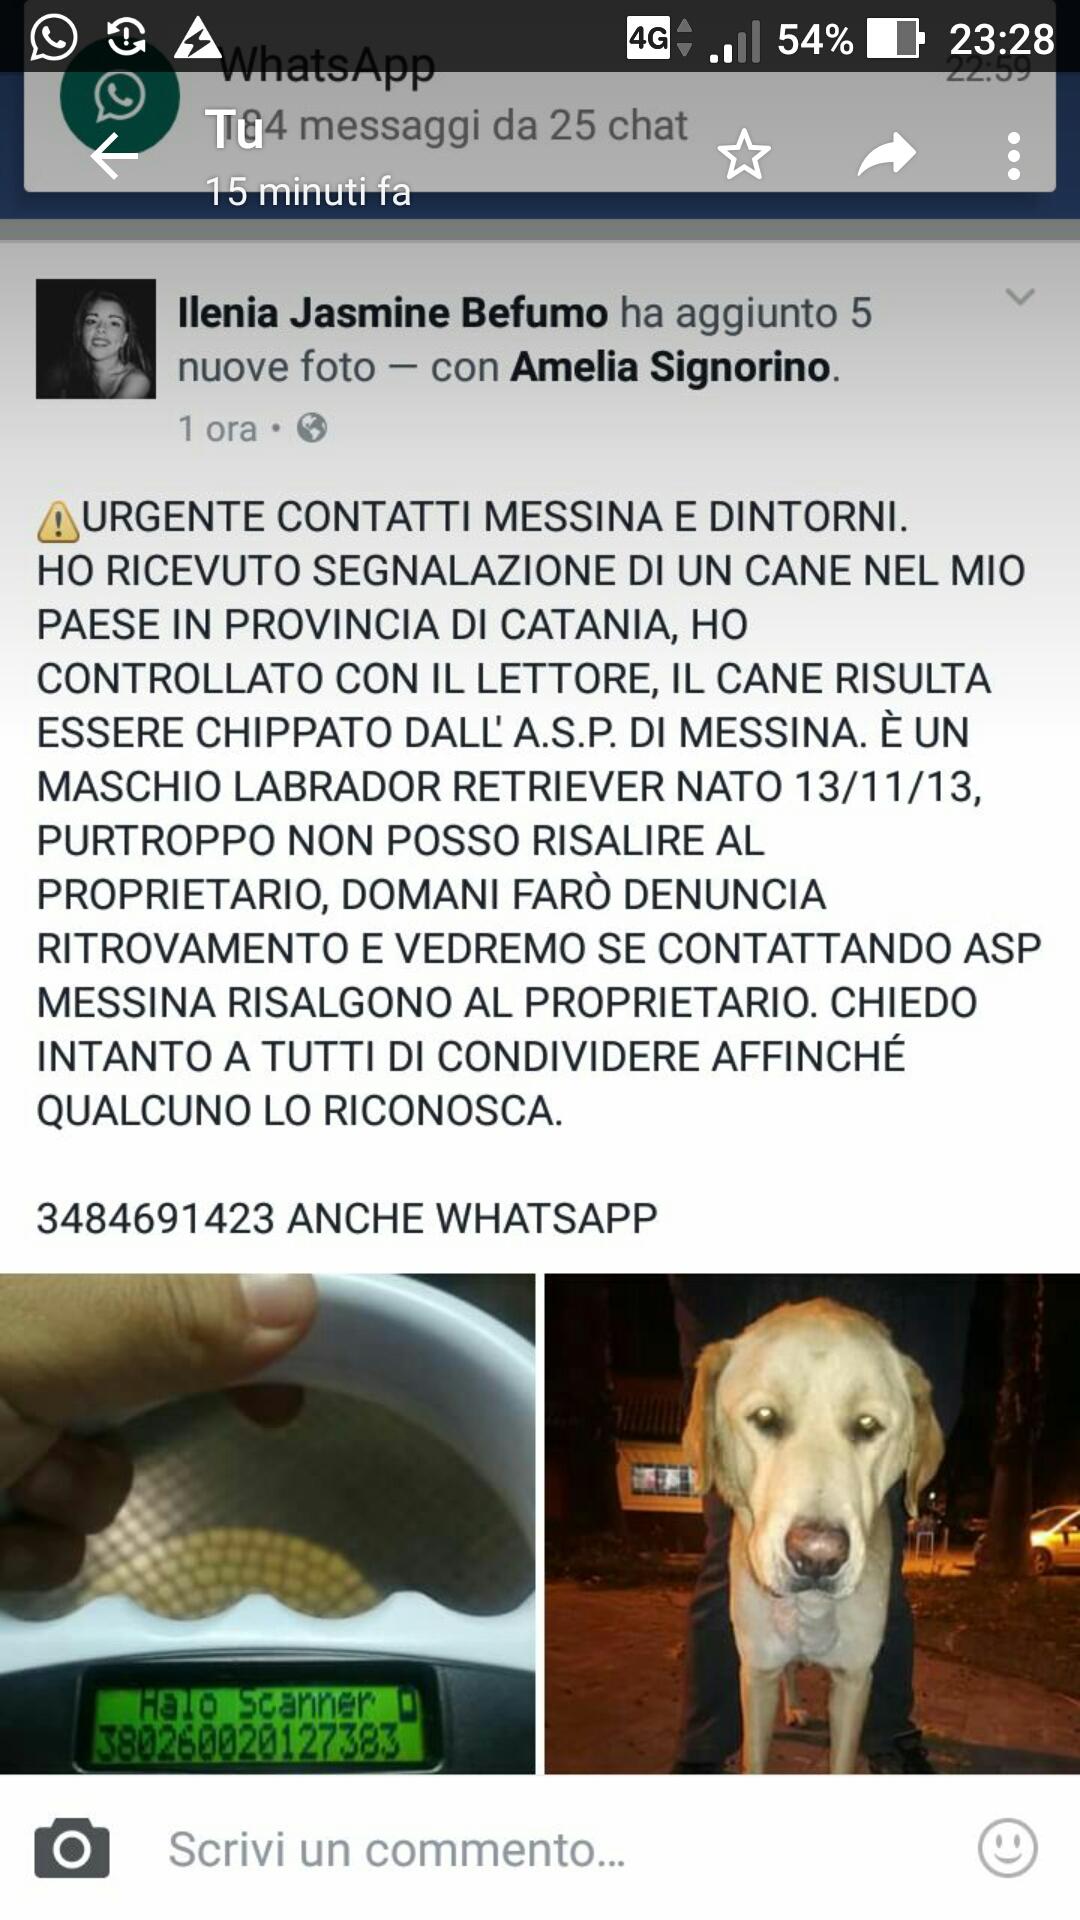 RICONSEGNATO AI PADRONI!!! Trovato in provincia di Catania ma con microchip messinese